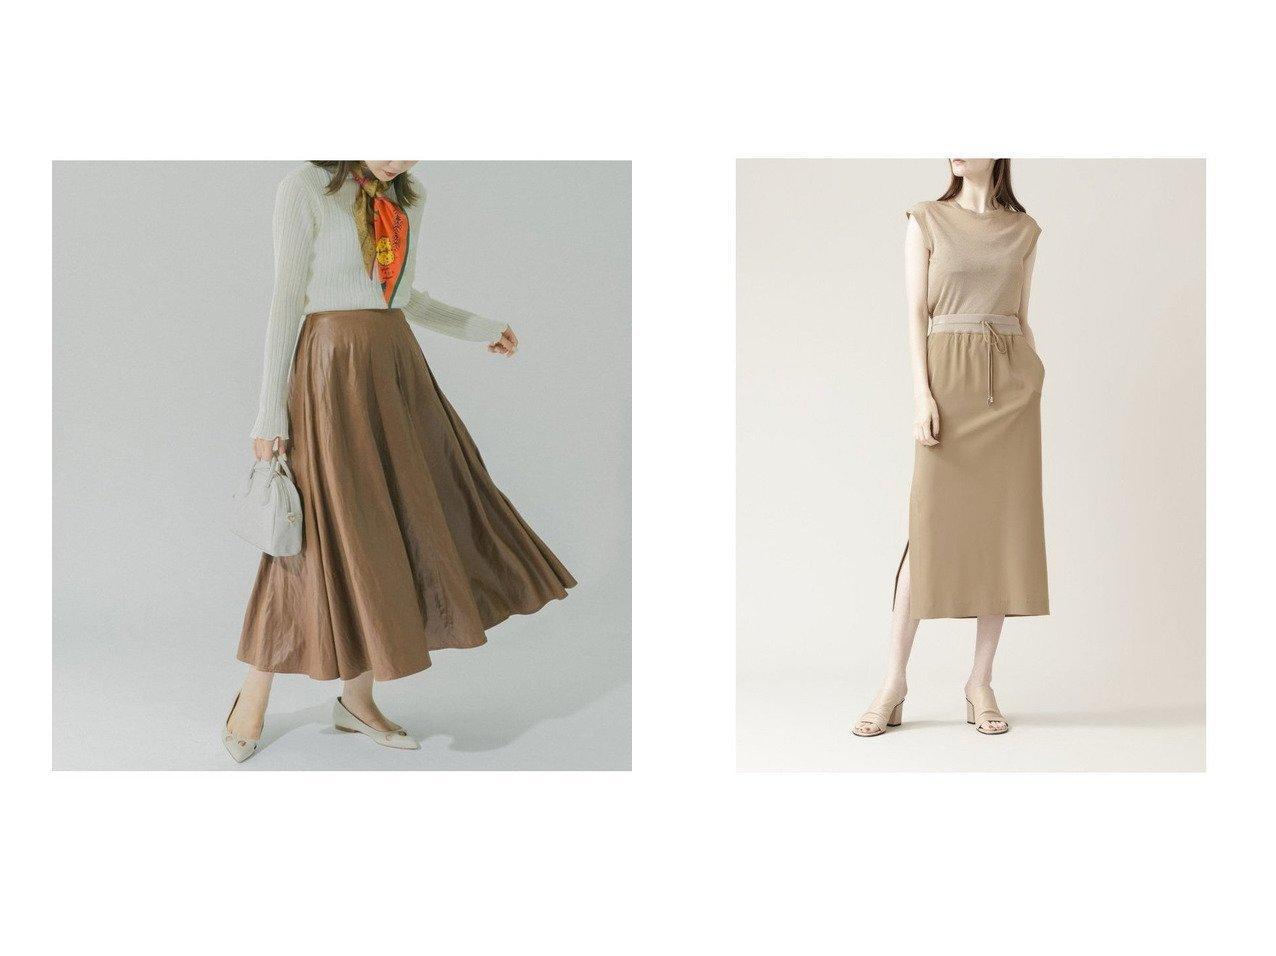 【BOSCH/ボッシュ】の2WAYポプリンセットアップスカート&【URBAN RESEARCH ROSSO/アーバンリサーチ ロッソ】のウォッシャブルフェイクレザーロングスカート 【スカート】おすすめ!人気、トレンド・レディースファッションの通販   おすすめで人気の流行・トレンド、ファッションの通販商品 インテリア・家具・メンズファッション・キッズファッション・レディースファッション・服の通販 founy(ファニー) https://founy.com/ ファッション Fashion レディースファッション WOMEN スカート Skirt ロングスカート Long Skirt セットアップ Setup スカート Skirt エレガント コンパクト スウェット ダウン パーカー フェイクレザー フレア リブニット 人気 今季 NEW・新作・新着・新入荷 New Arrivals コンビ シルキー シルク ストレッチ ドレープ リラックス  ID:crp329100000064820